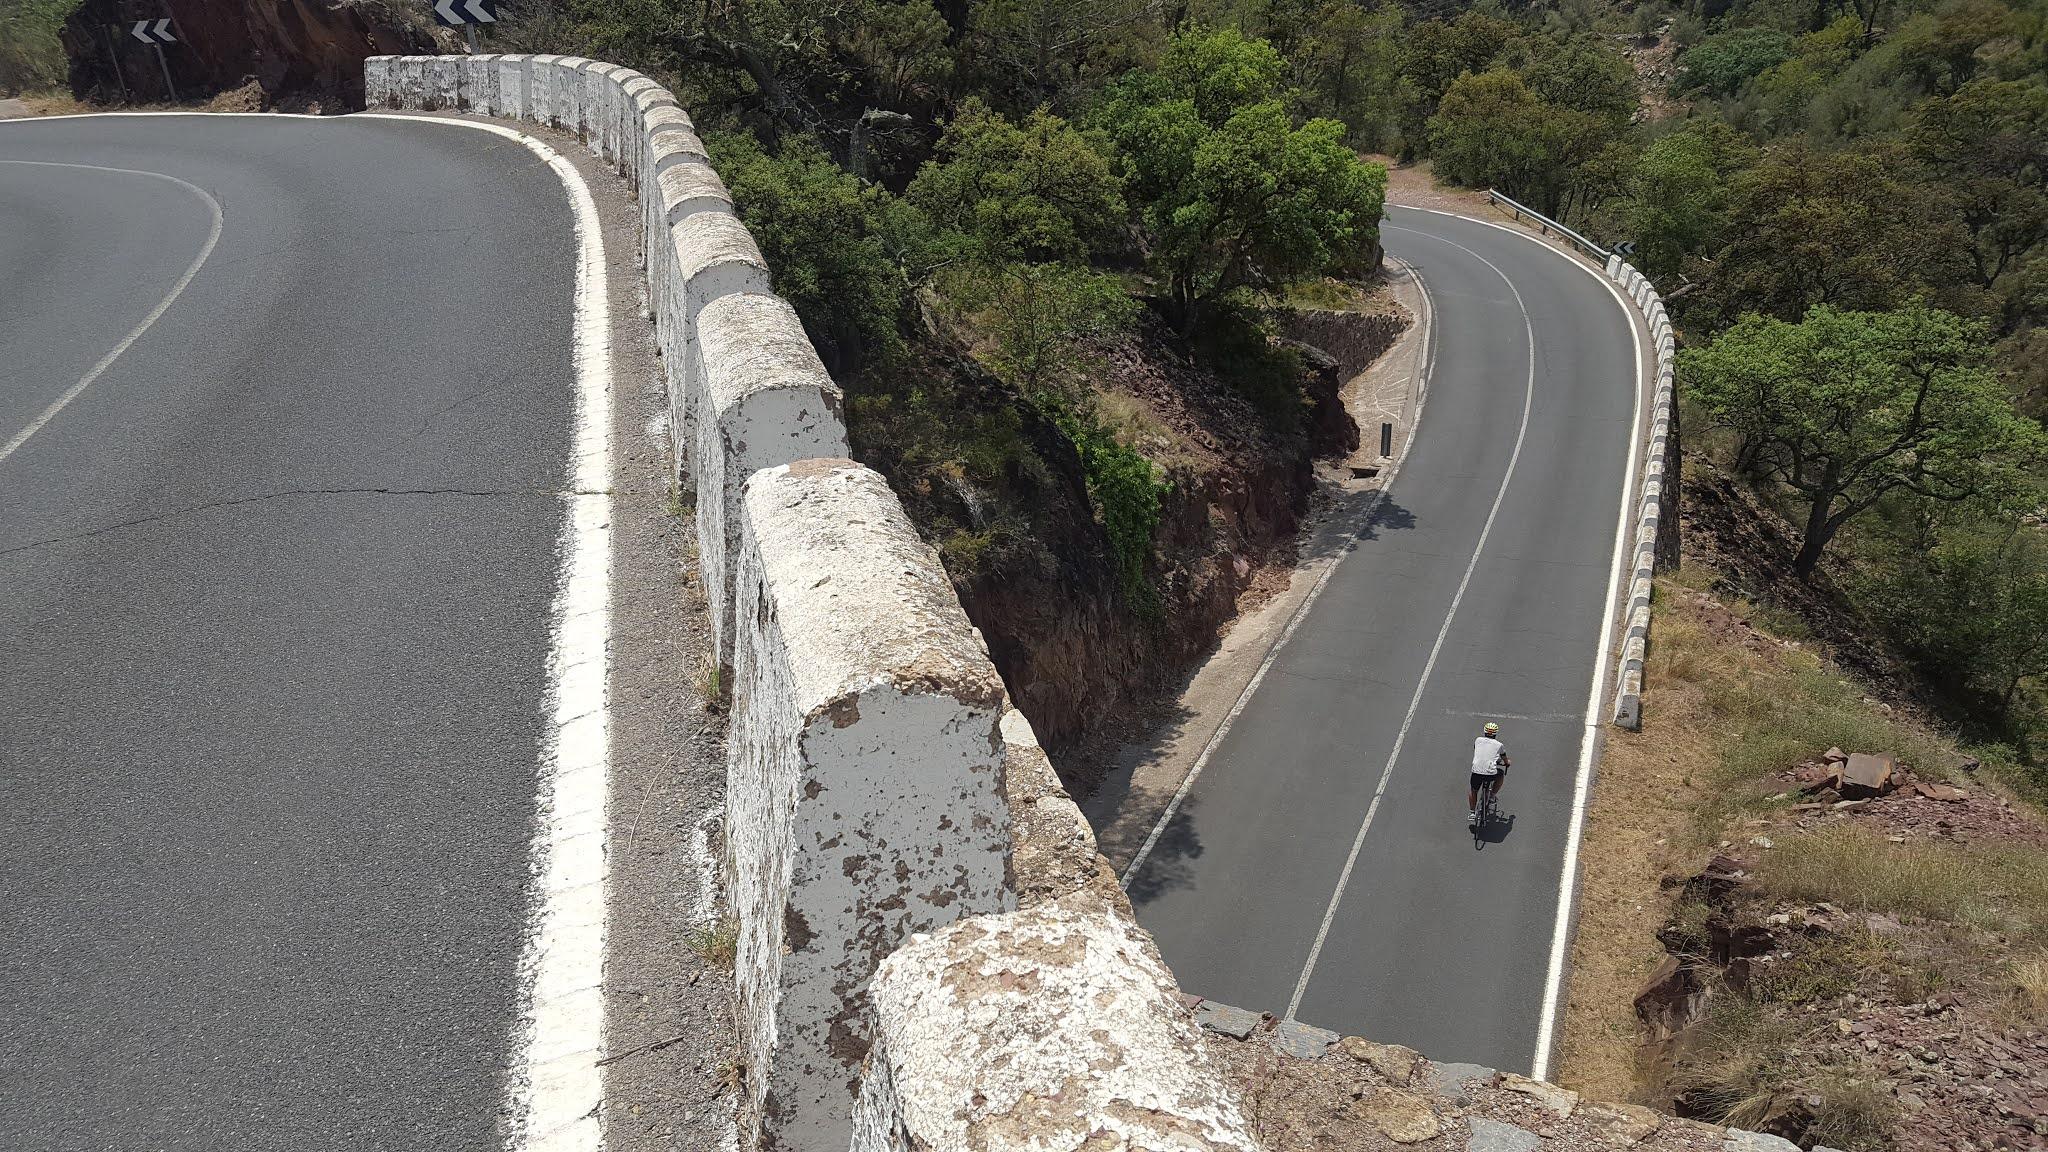 Corkscrewn tunnel on the Eslida-Aín CV-223 road, Castellón, Spain